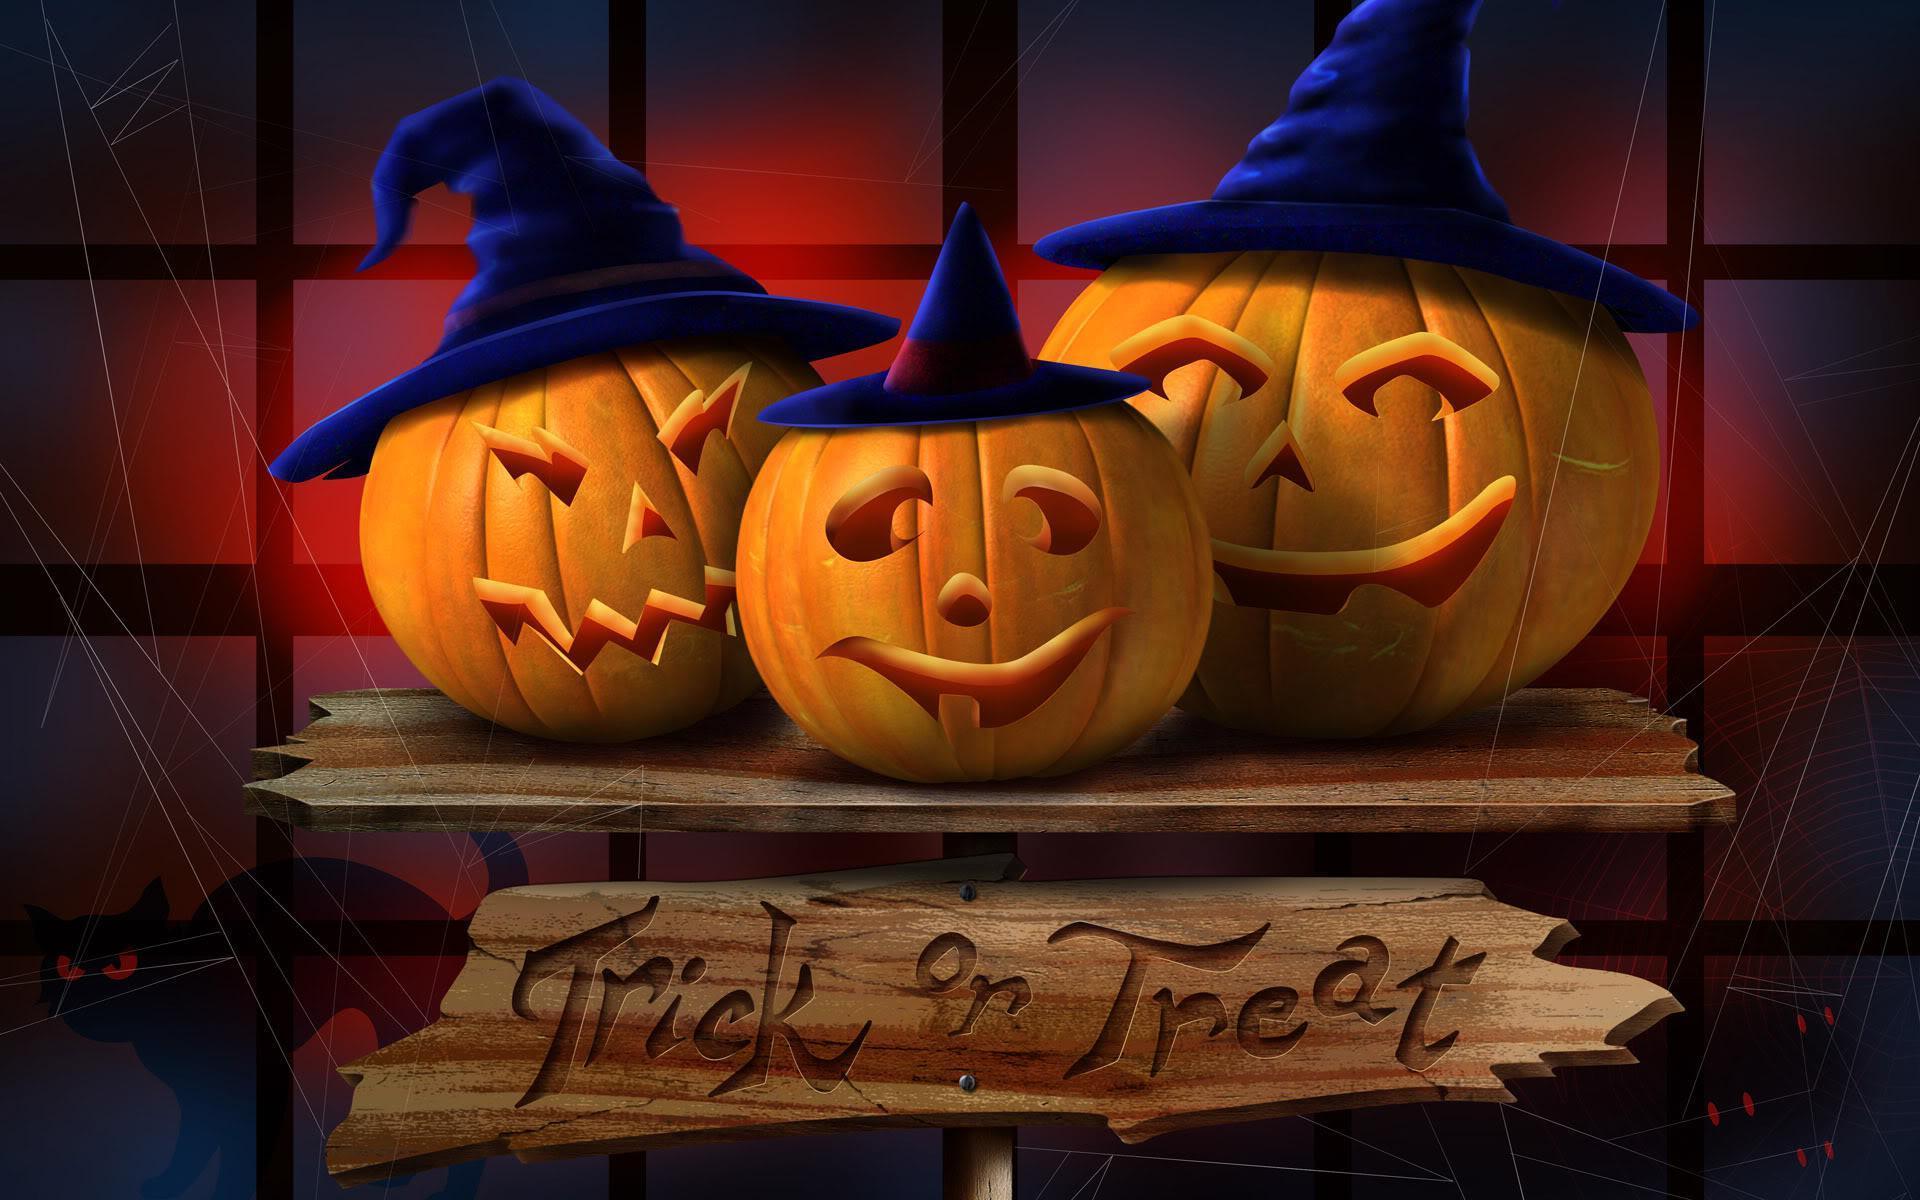 Lights-of-Halloween-Pumpkins-Wallpaper-Background